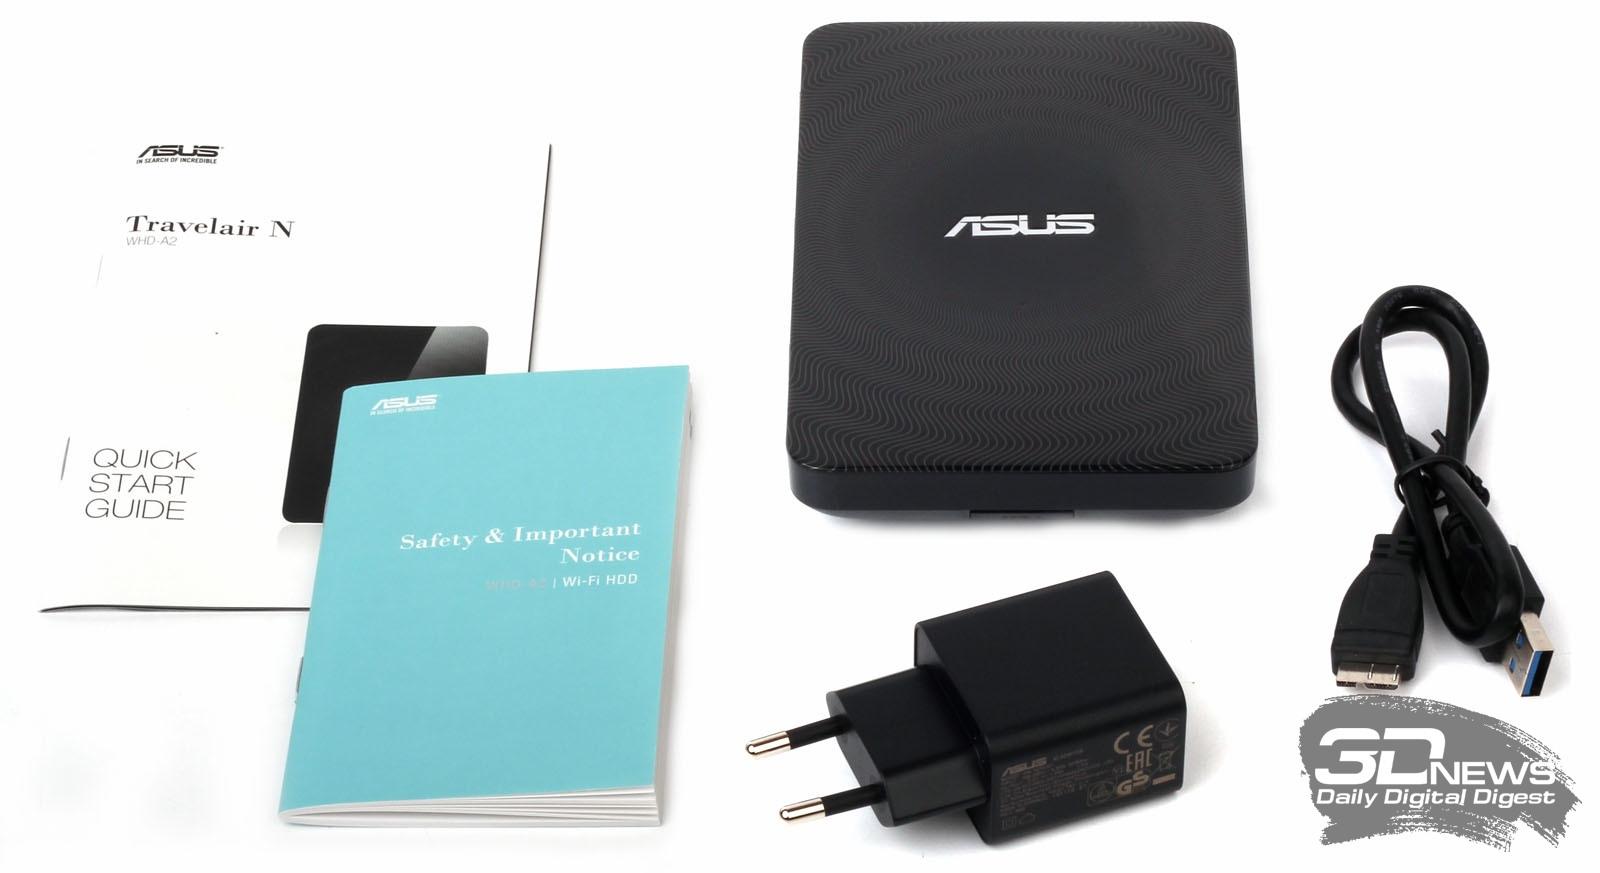 Asus Travelair N Wireless Harddisk Eksternal 1tb